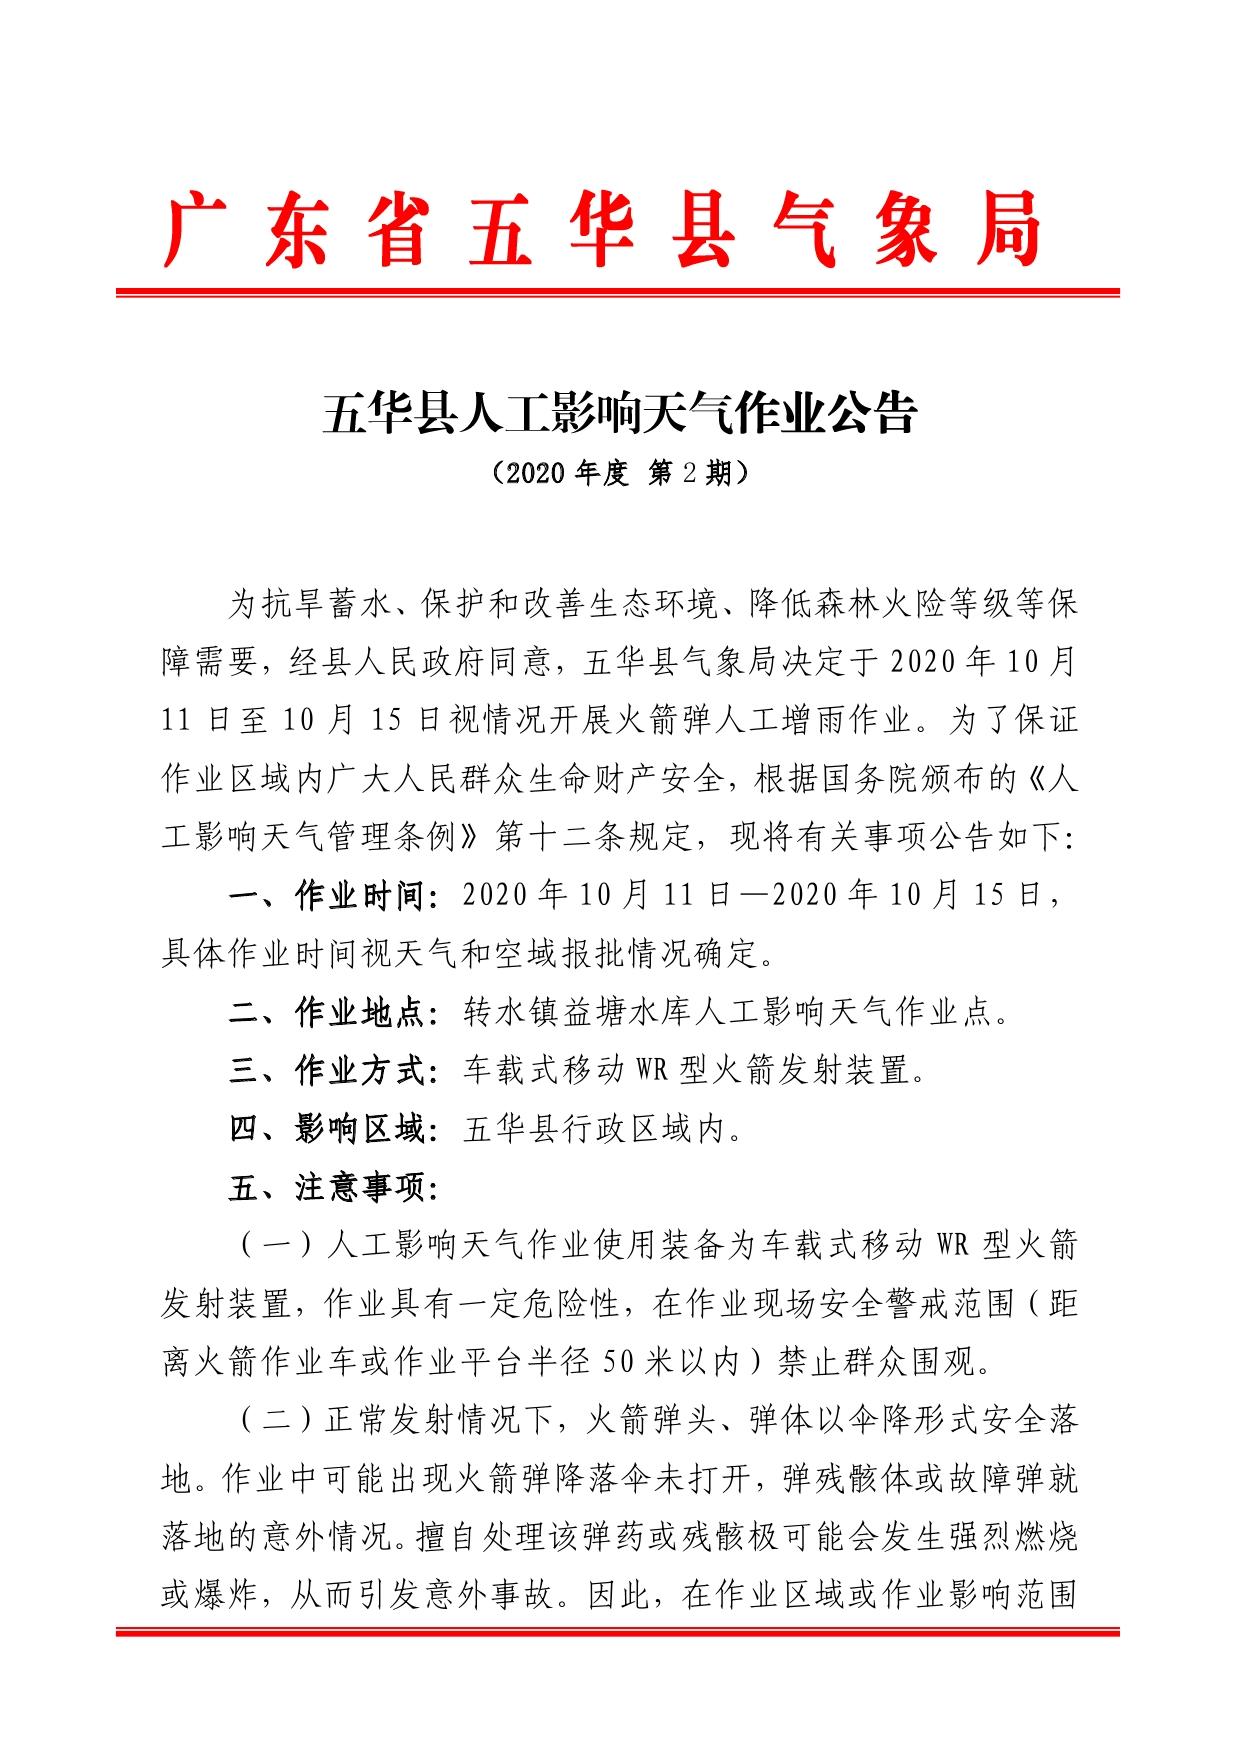 五华县人工影响天气作业公告2020 (第2期)0000.jpg